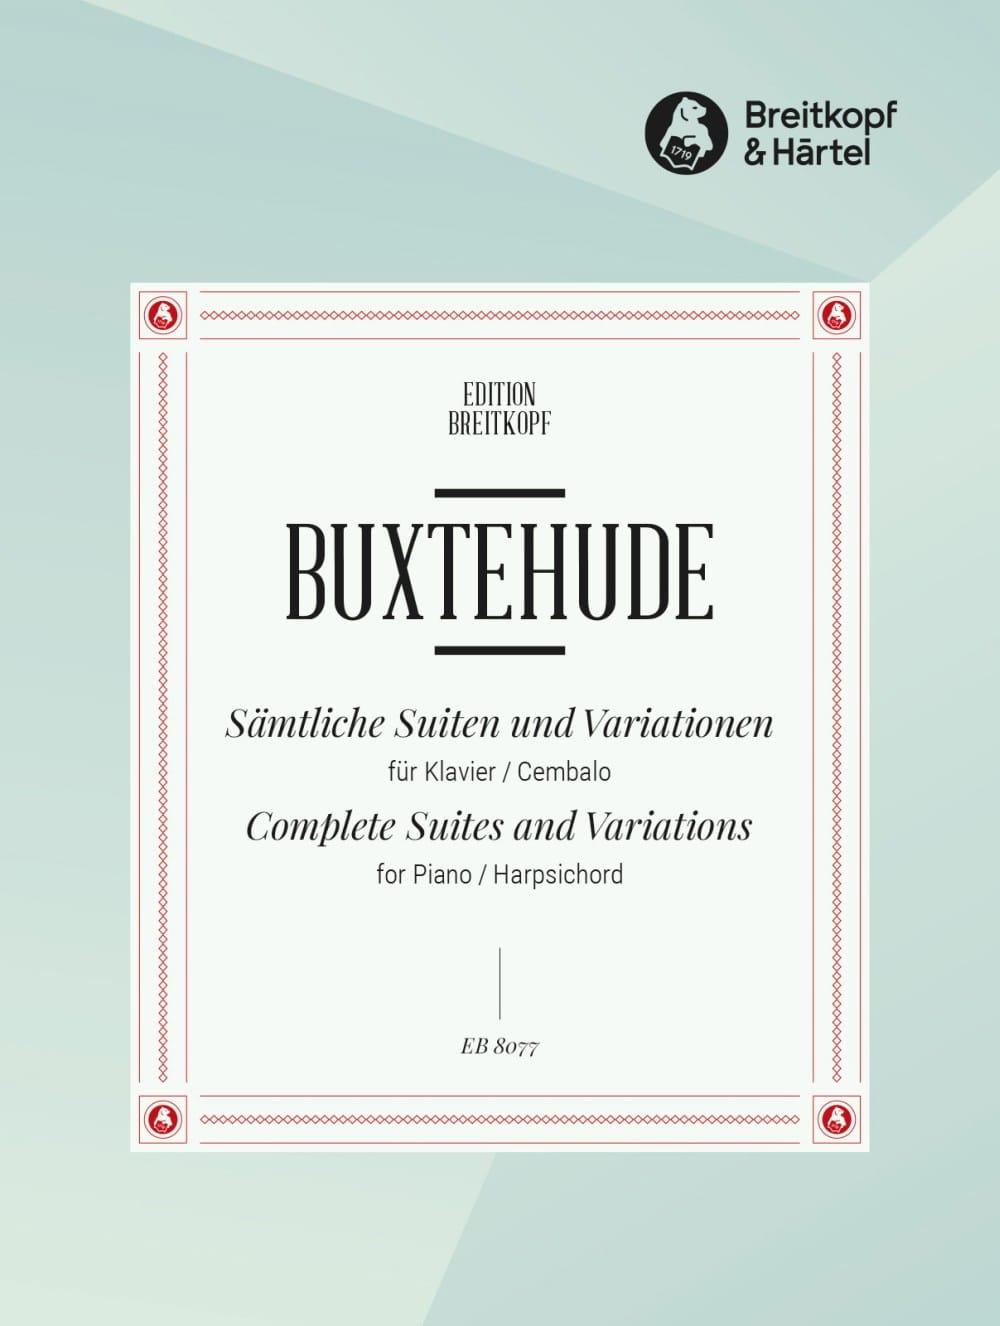 Sämtliche Suiten und Variationen Prakt. - BUXTEHUDE - laflutedepan.com